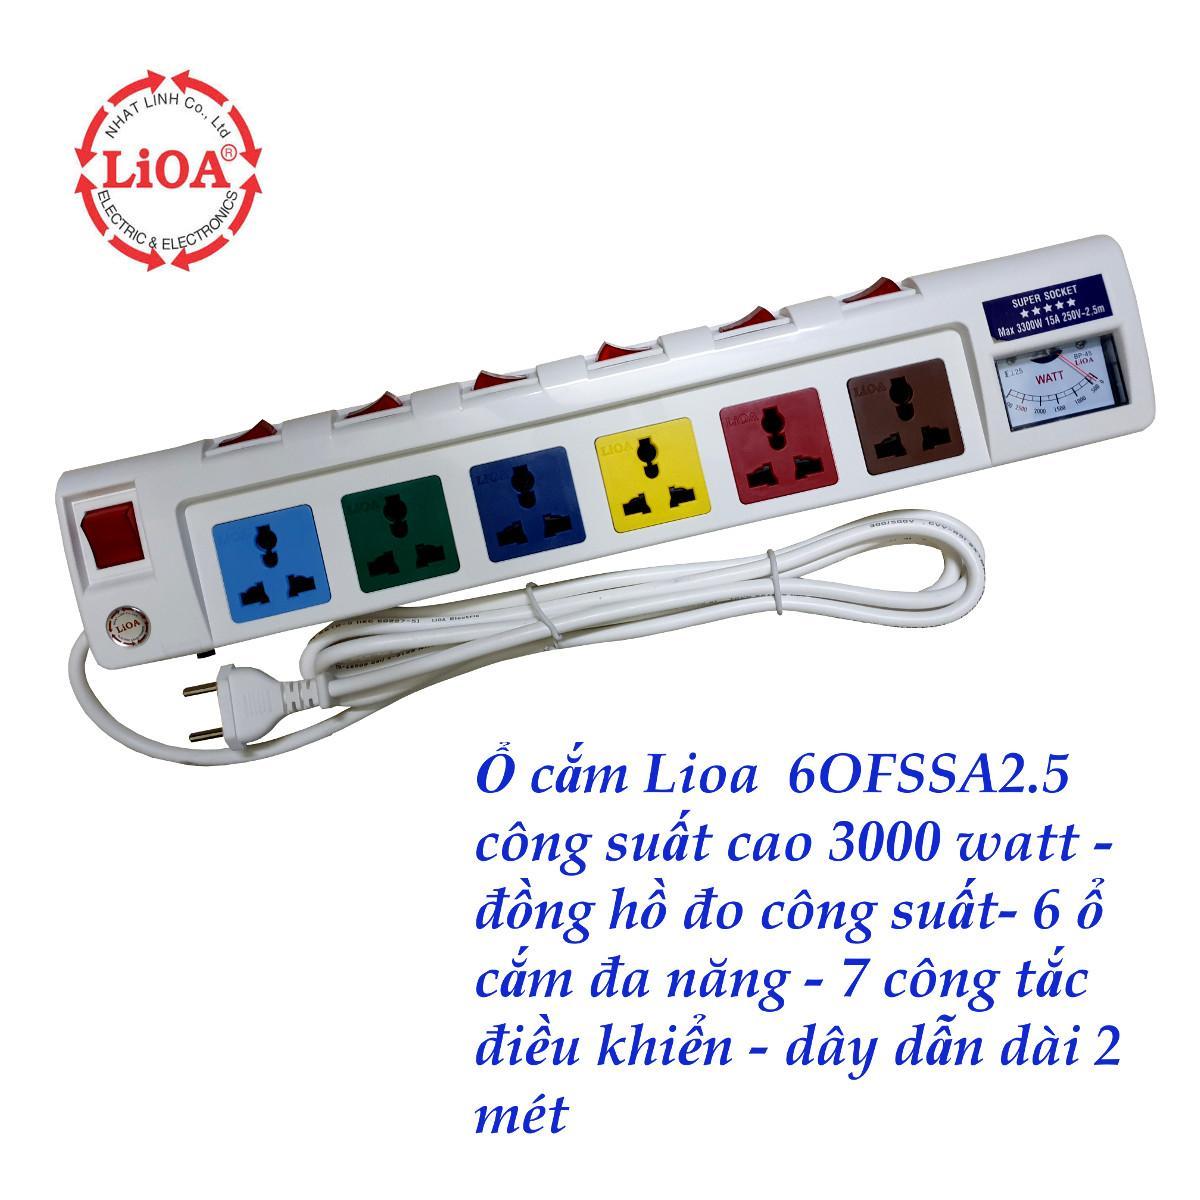 Ổ cắm điện 3 chấu đa năng công suất lớn Lioa có đồng hồ đo công suất 6OFSSA2.5